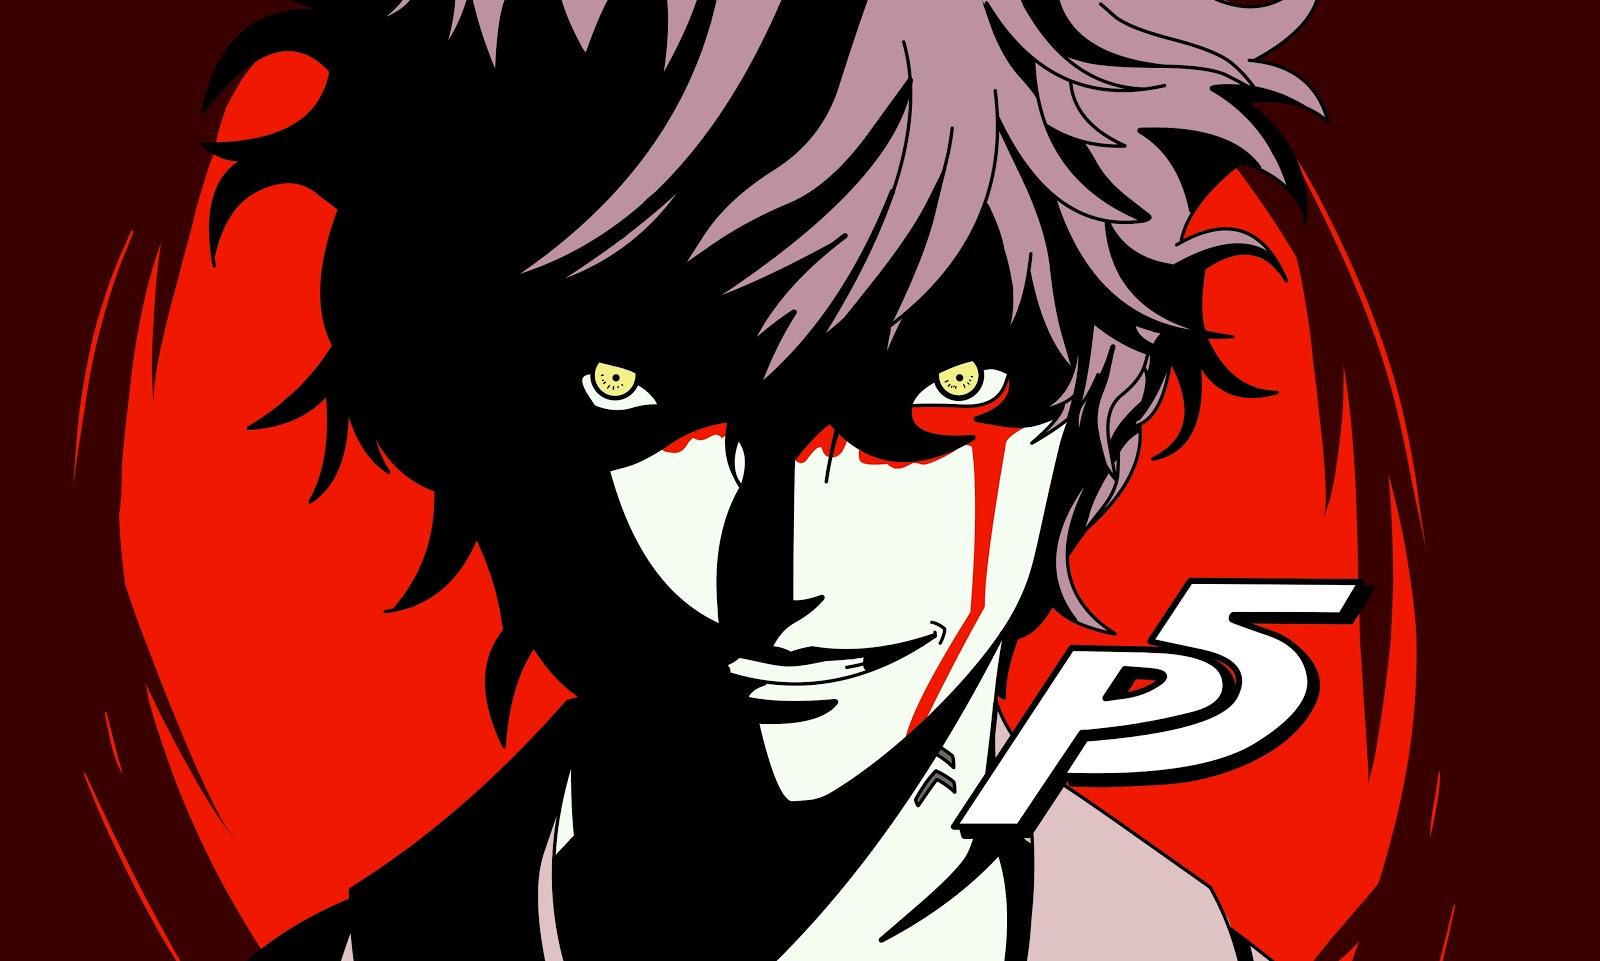 Persona 5 anime wallpaper hd